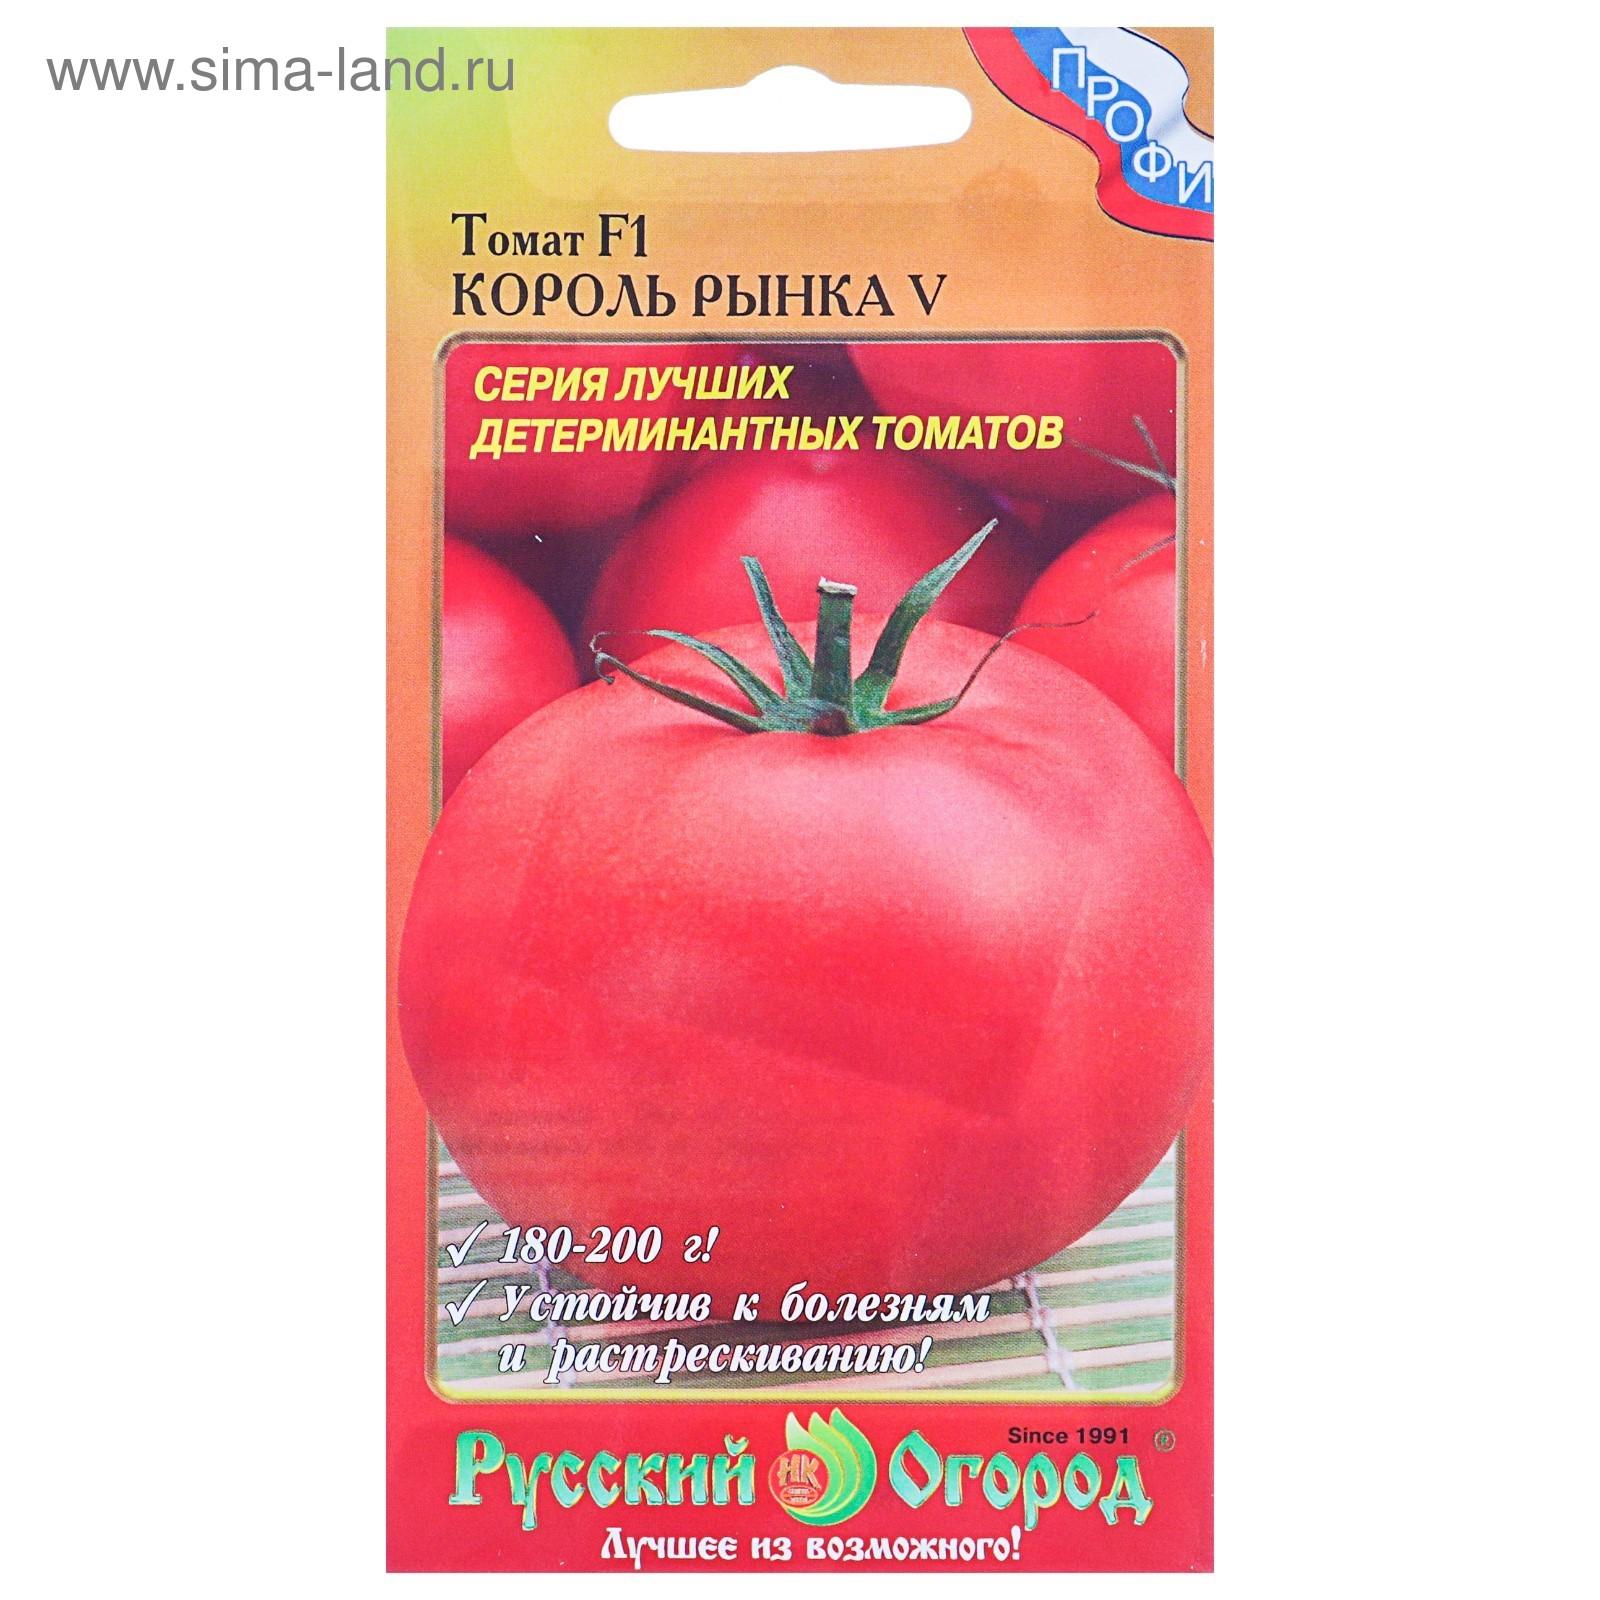 Хороший выбор для фермеров и любителей — гибридный томат сорта «король рынка»